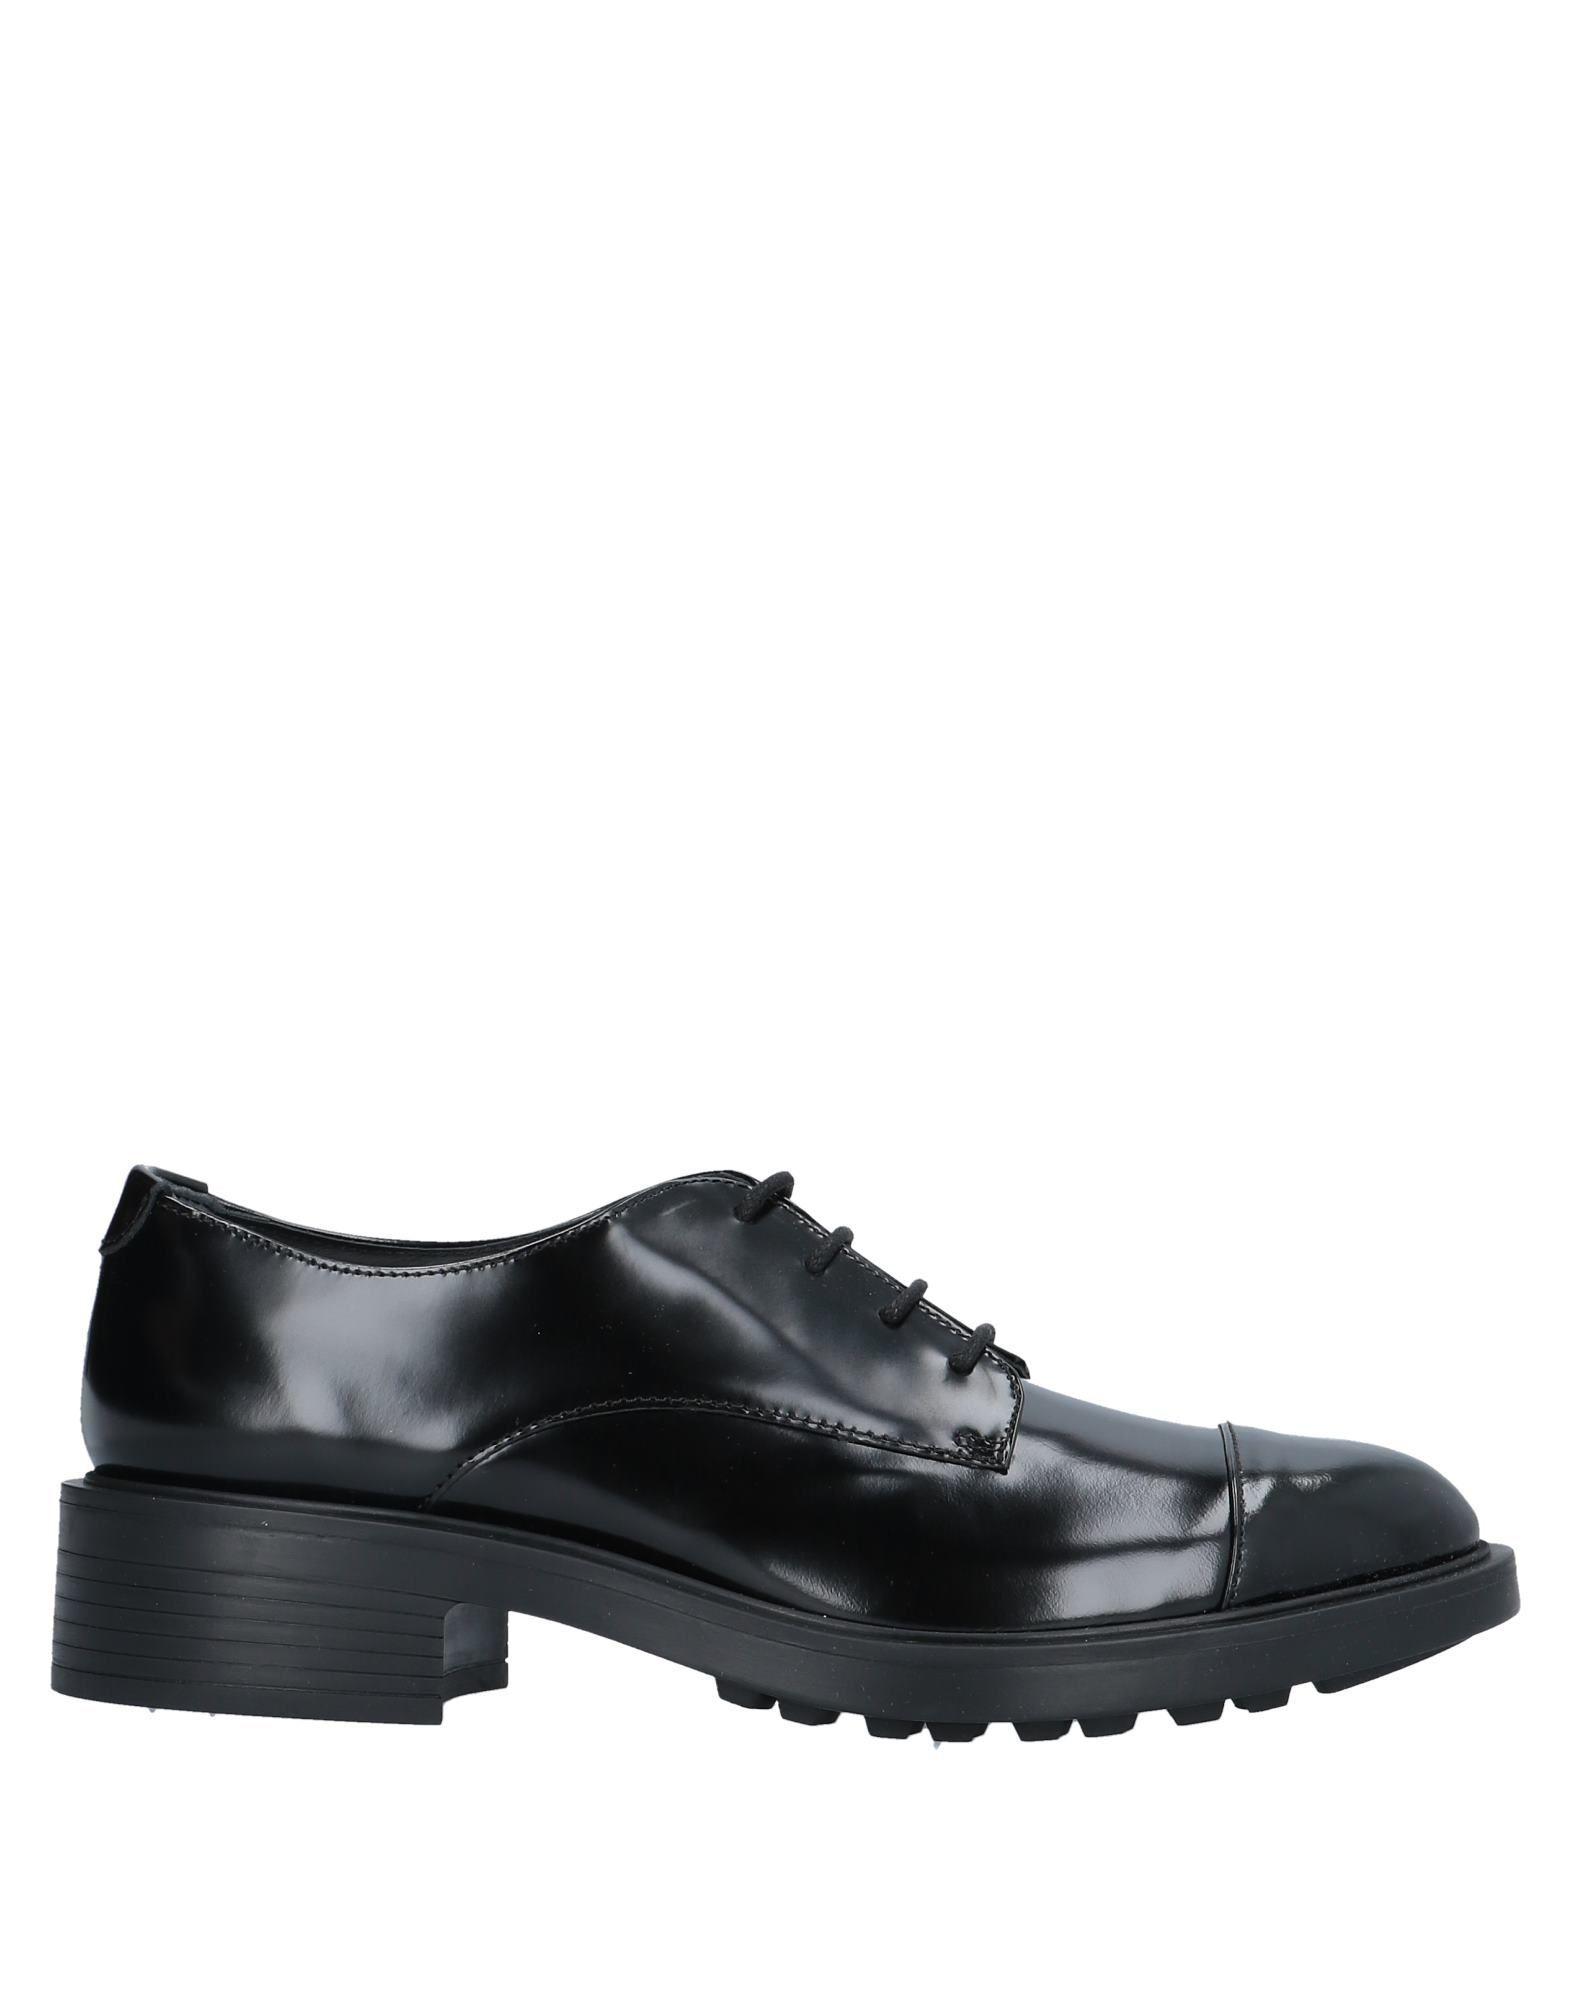 Hogan Black Leather Lace Up Shoes